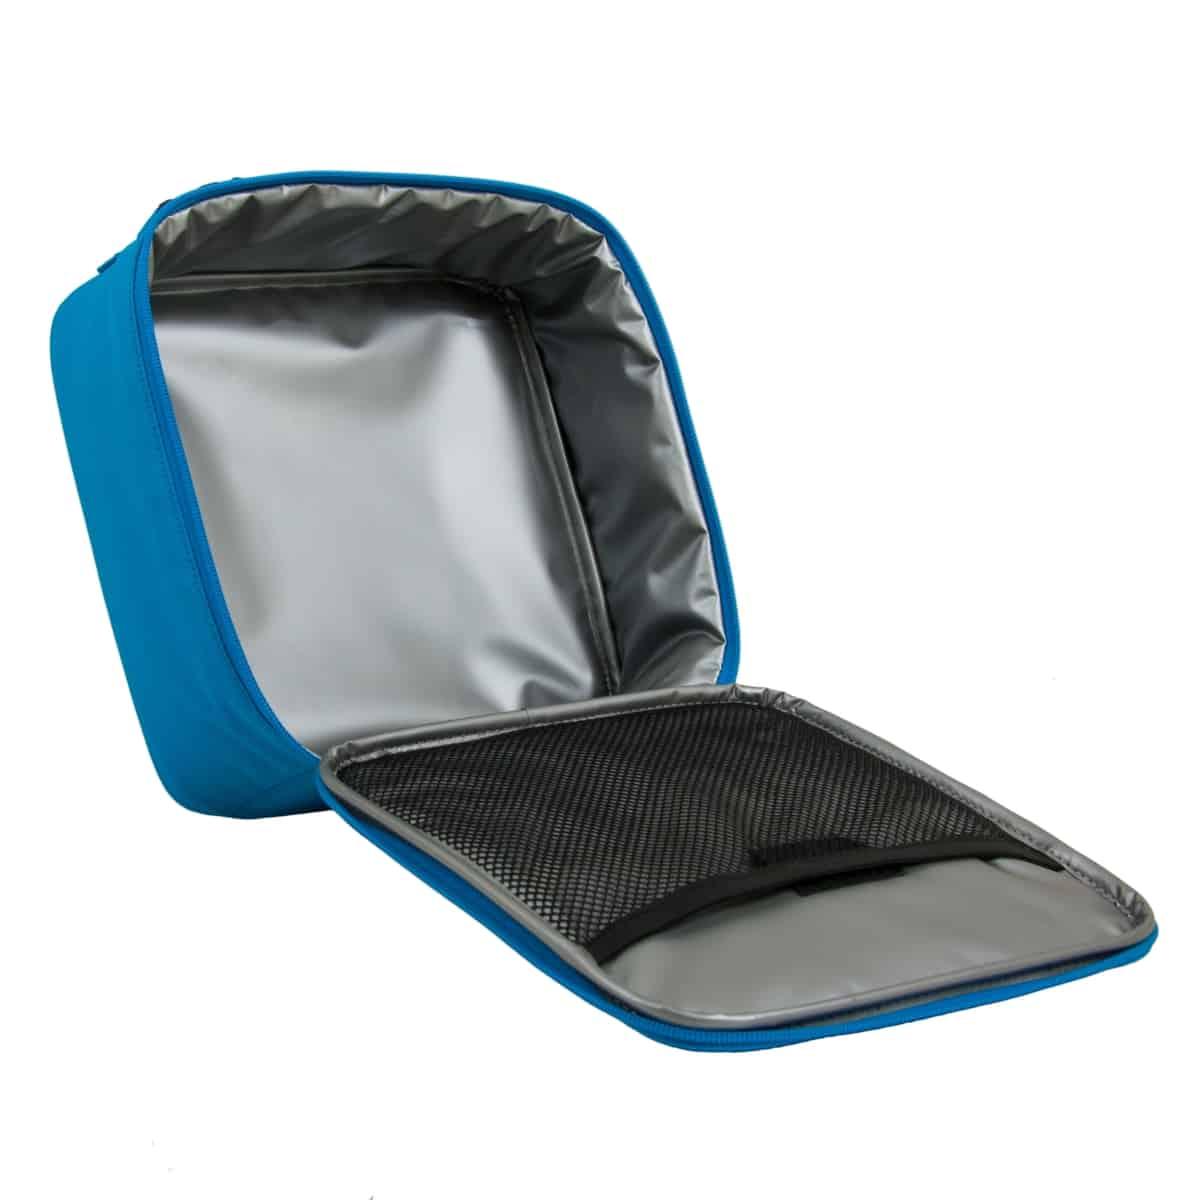 lego 5005531 brick lunch bag blue